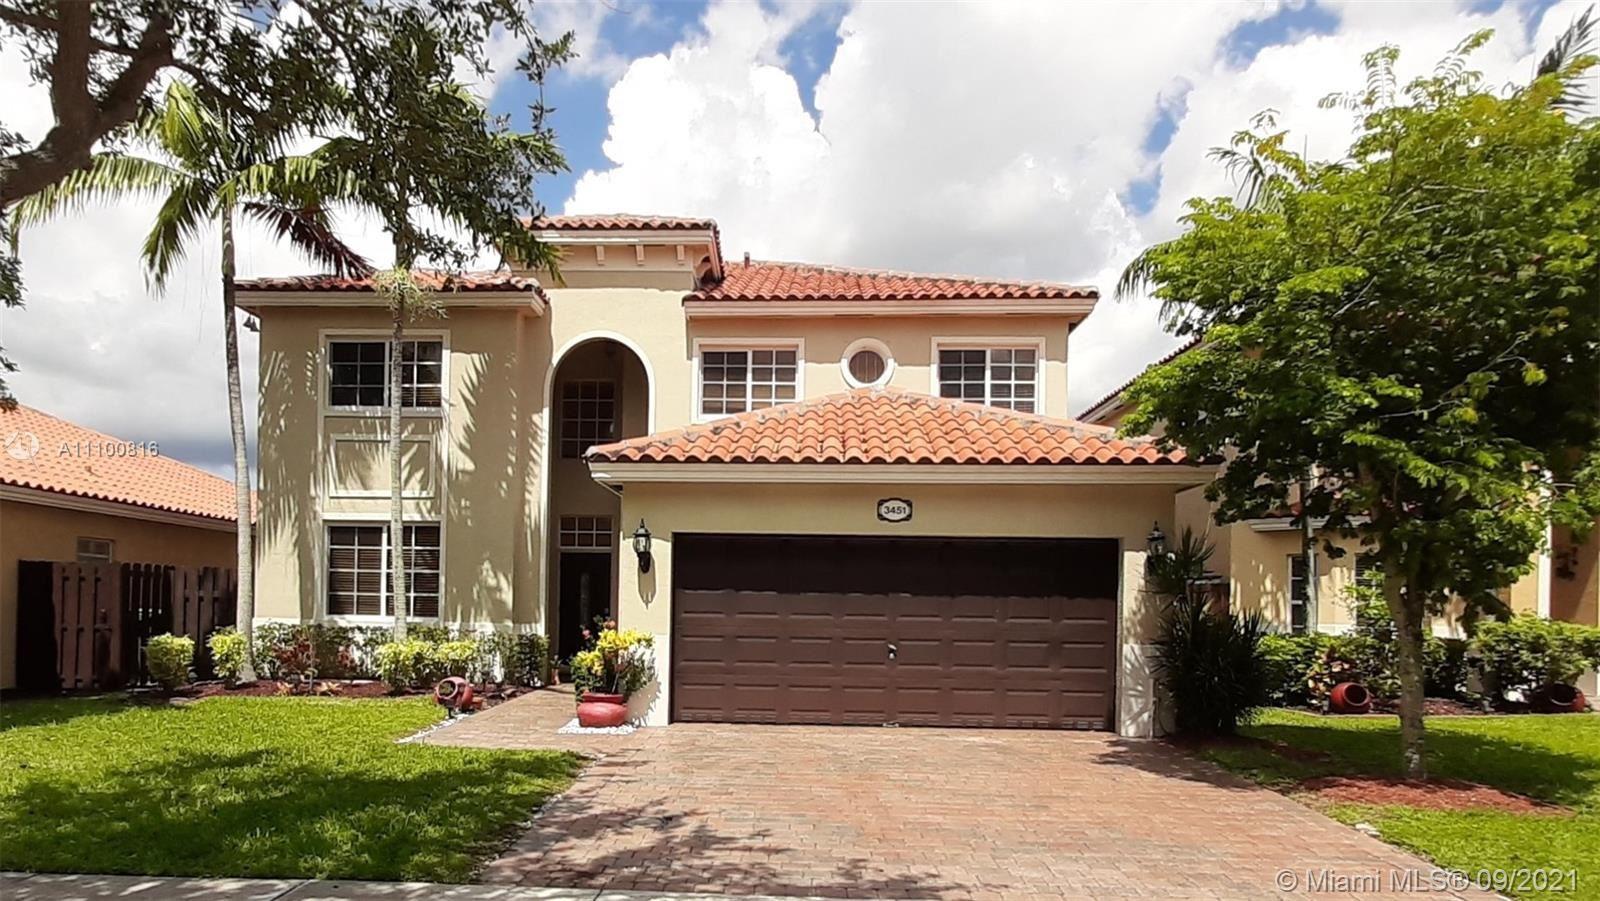 3451 NE 15th Dr, Homestead, FL 33033 - #: A11100816